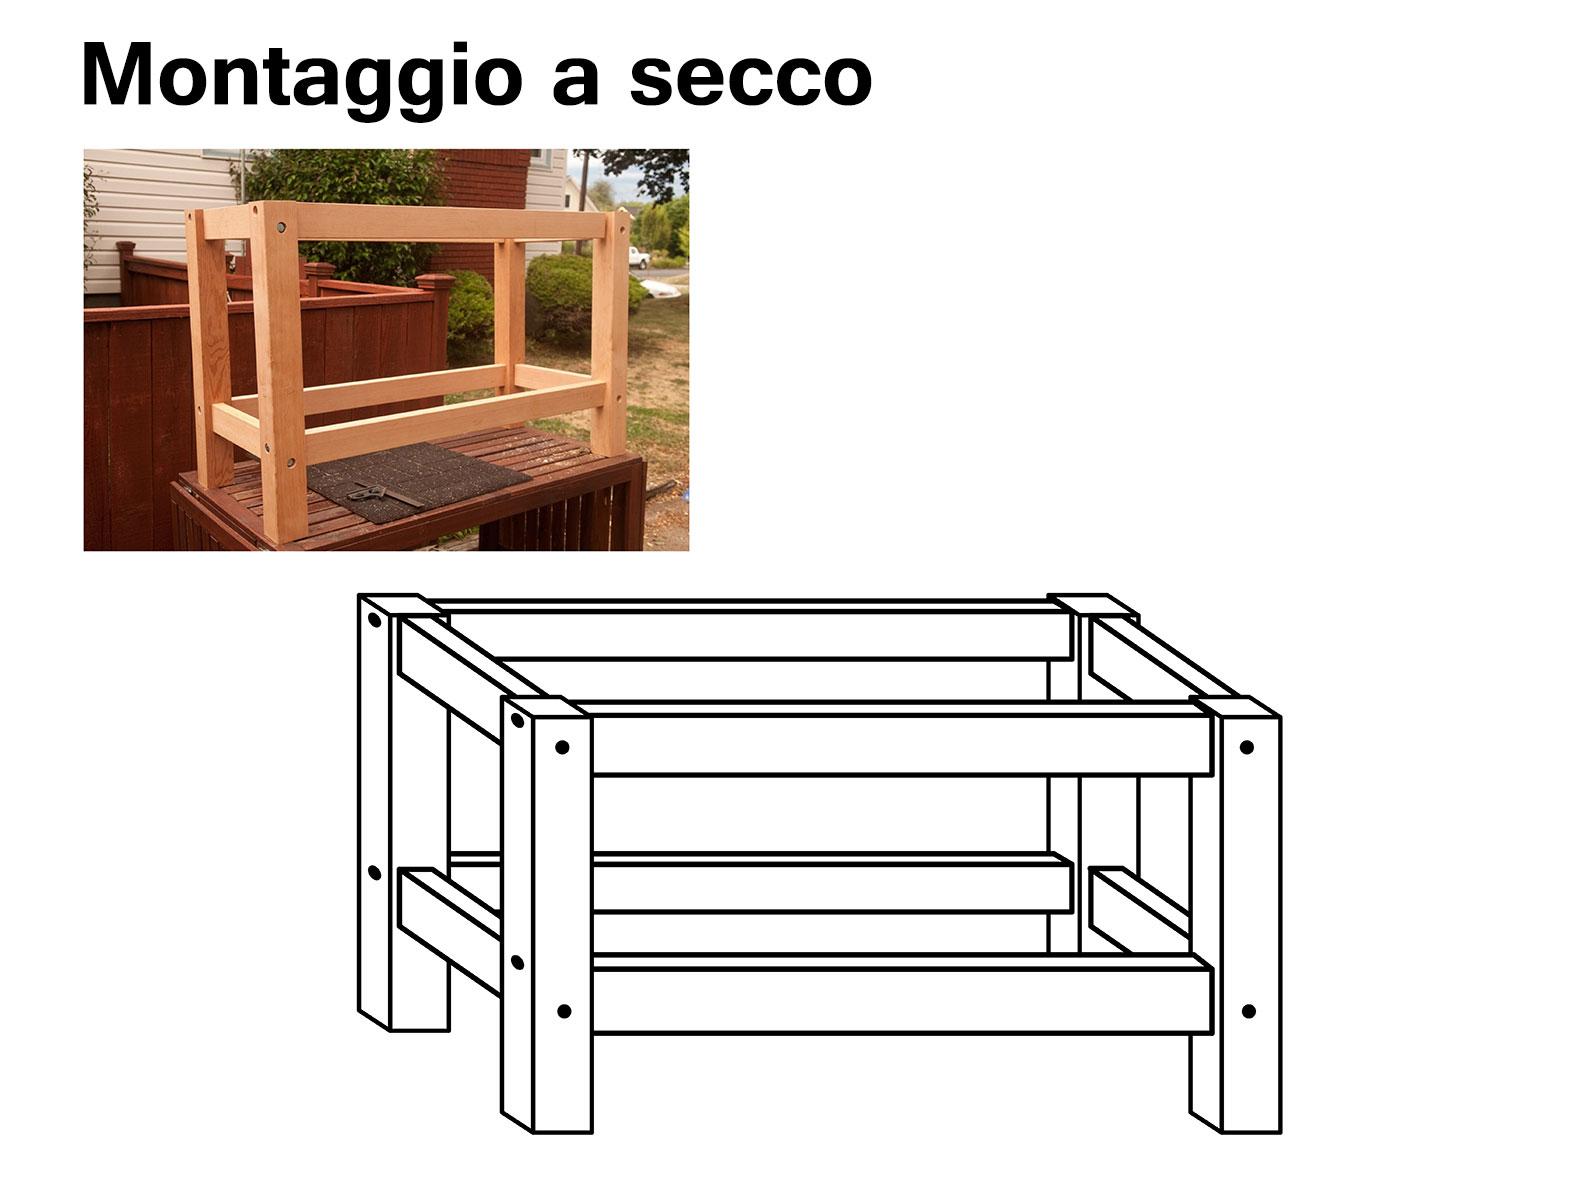 Pietro maker artigiano 2 0 fai da te video tutorial hobby for Progetto casa in legno pdf